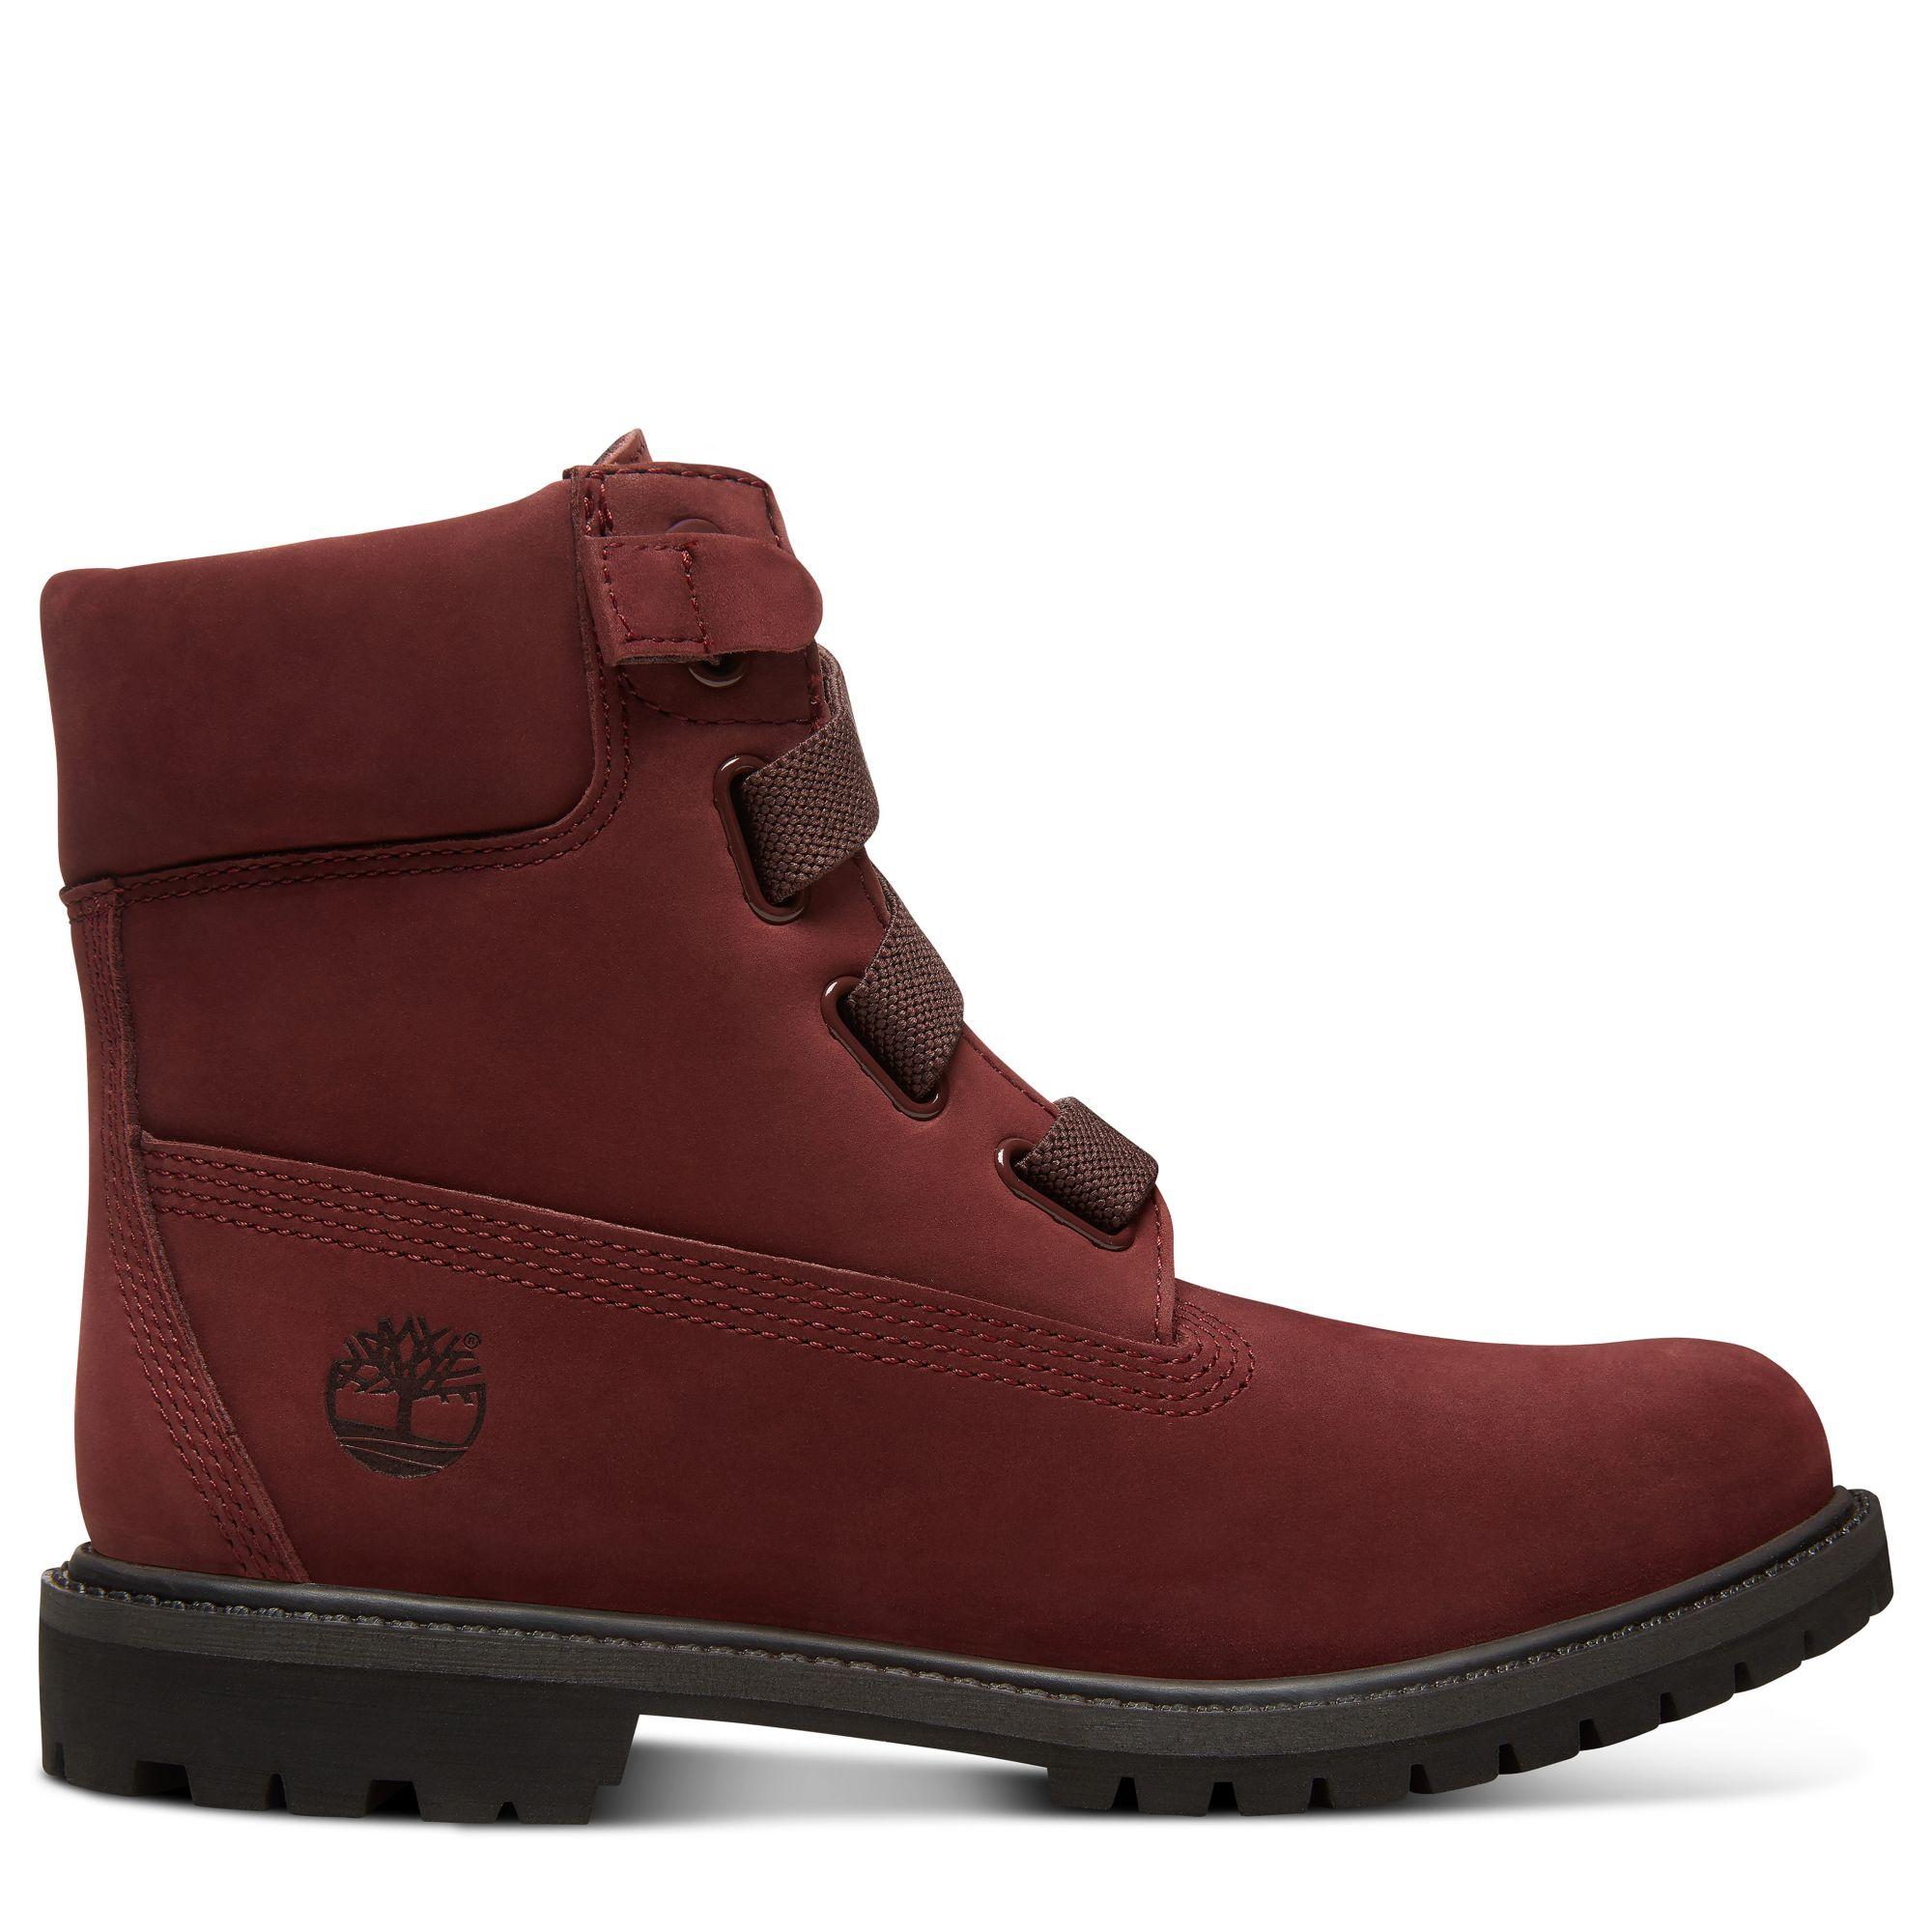 Timberland 6 Inch Premium Boots Schwarz DEUTSCH l Review l